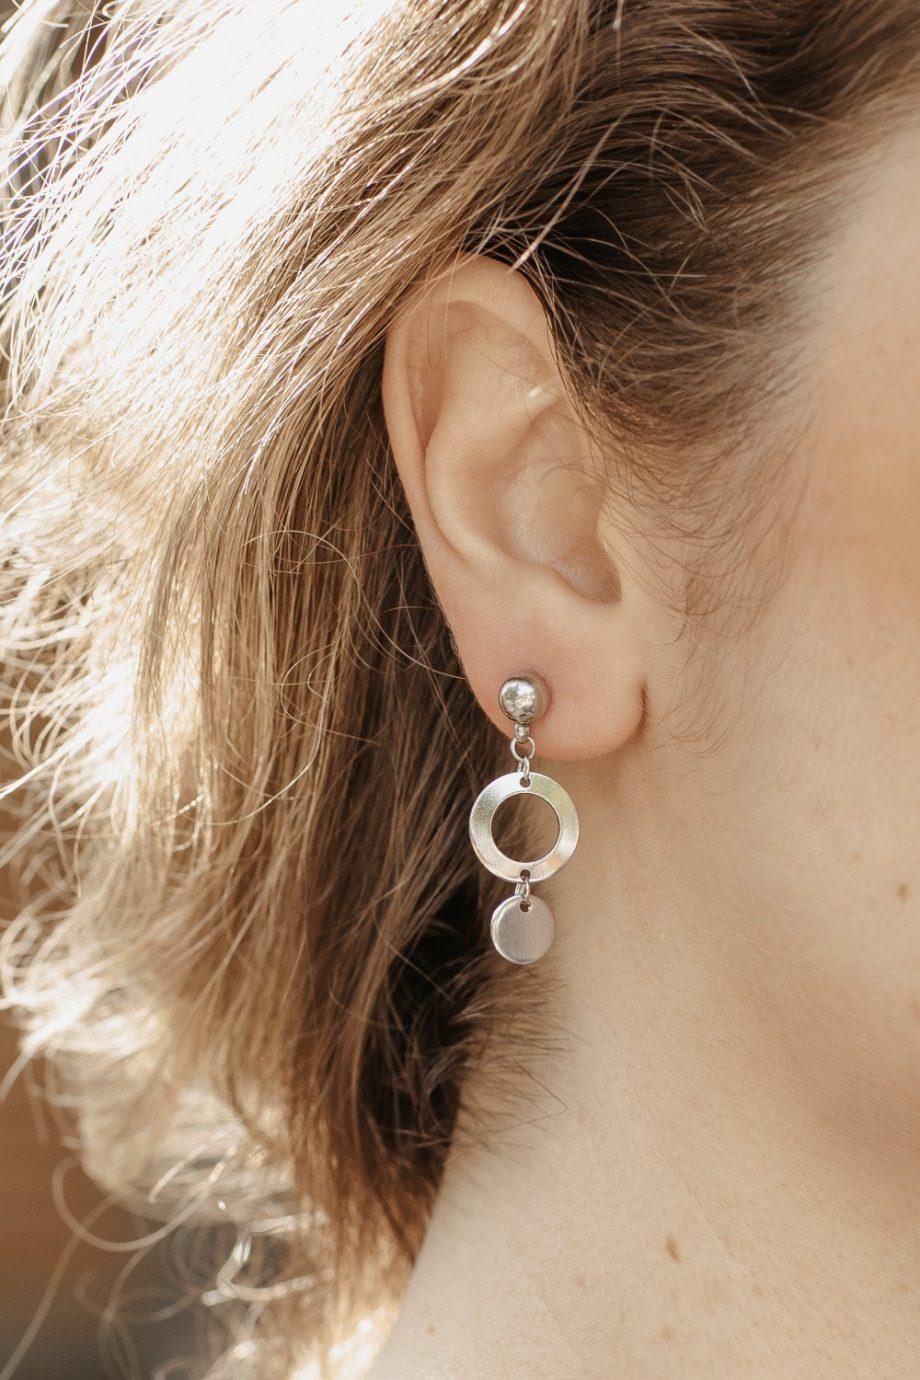 Ασημένια σκουλαρίκια γυναικεία χειροποίητα